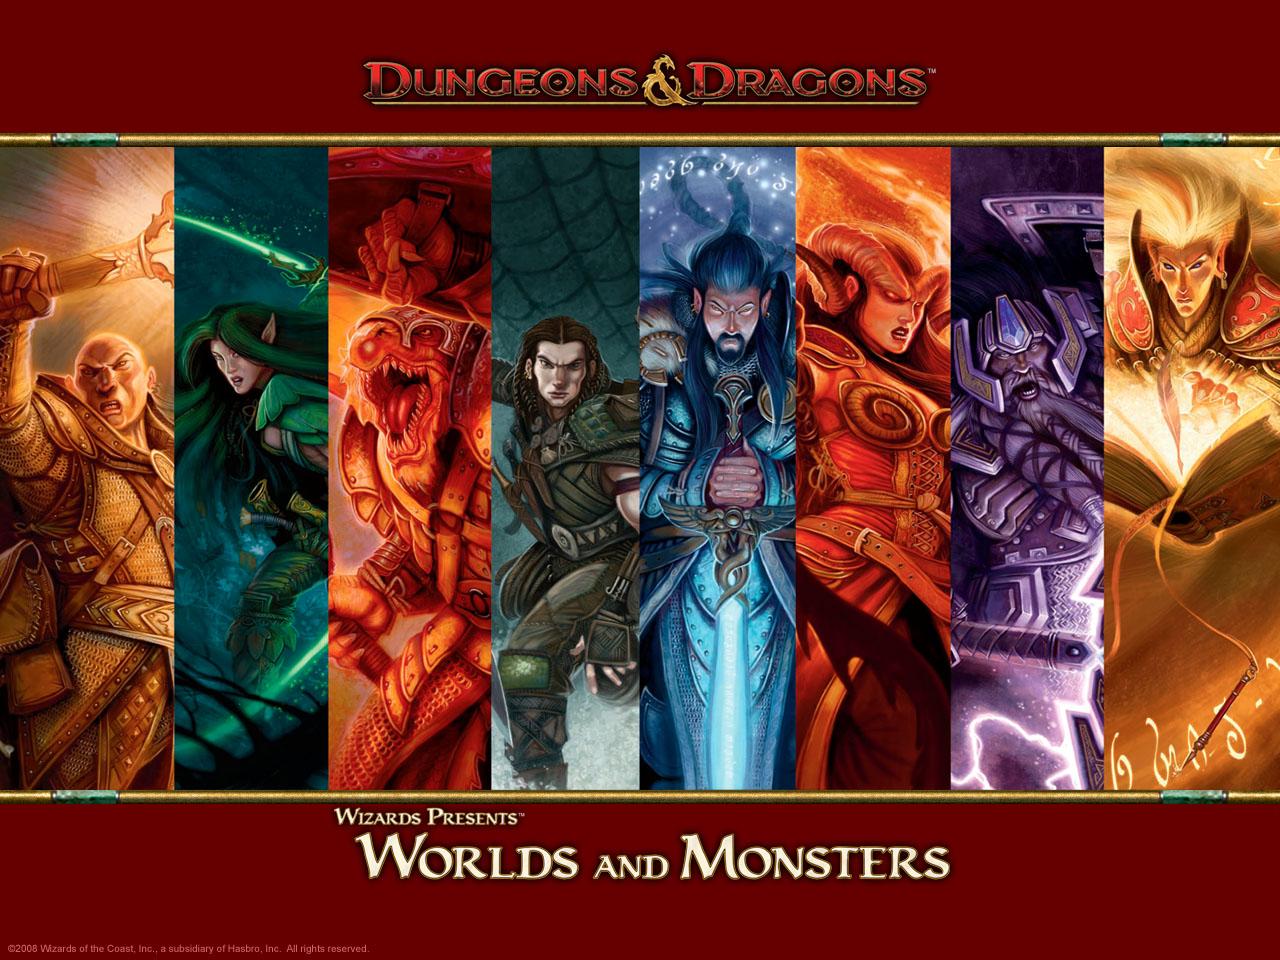 http://4.bp.blogspot.com/-x-DuAMe1HE8/Teplo-jII1I/AAAAAAAACeM/K30VwhXZ-qo/s1600/dungeonsanddragons_.jpg